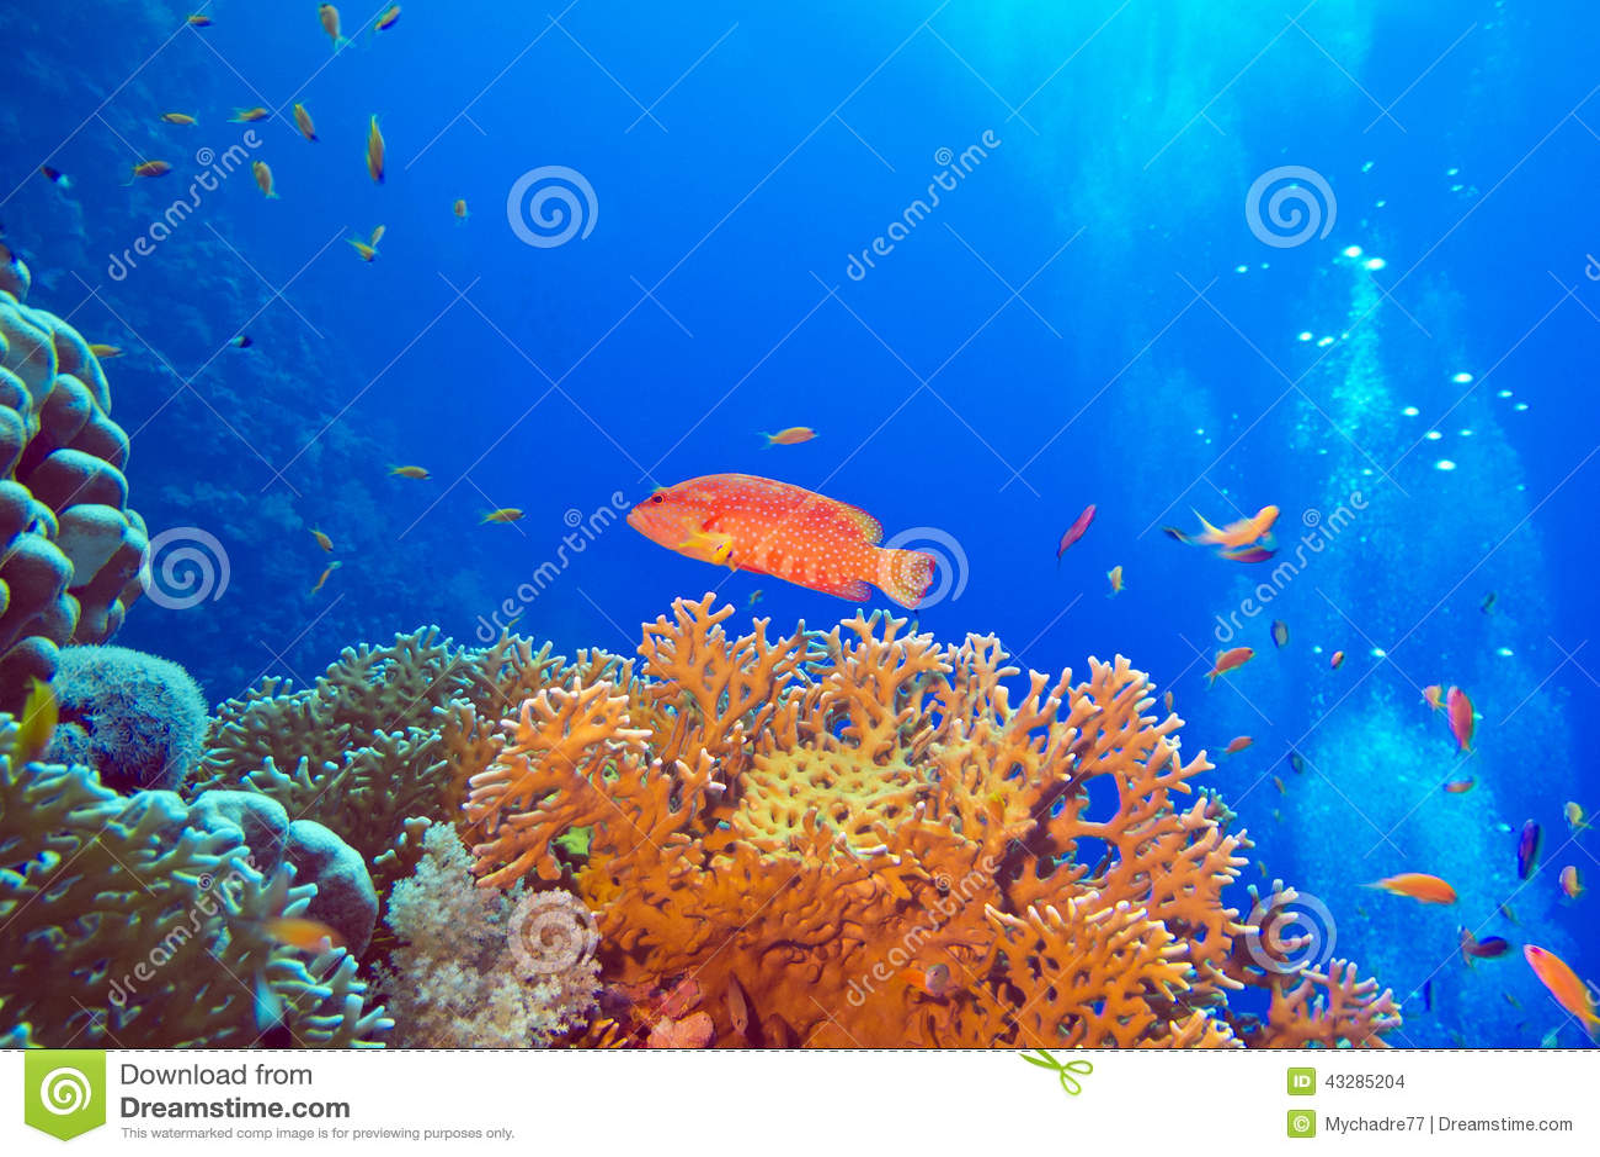 Fish at the bottom